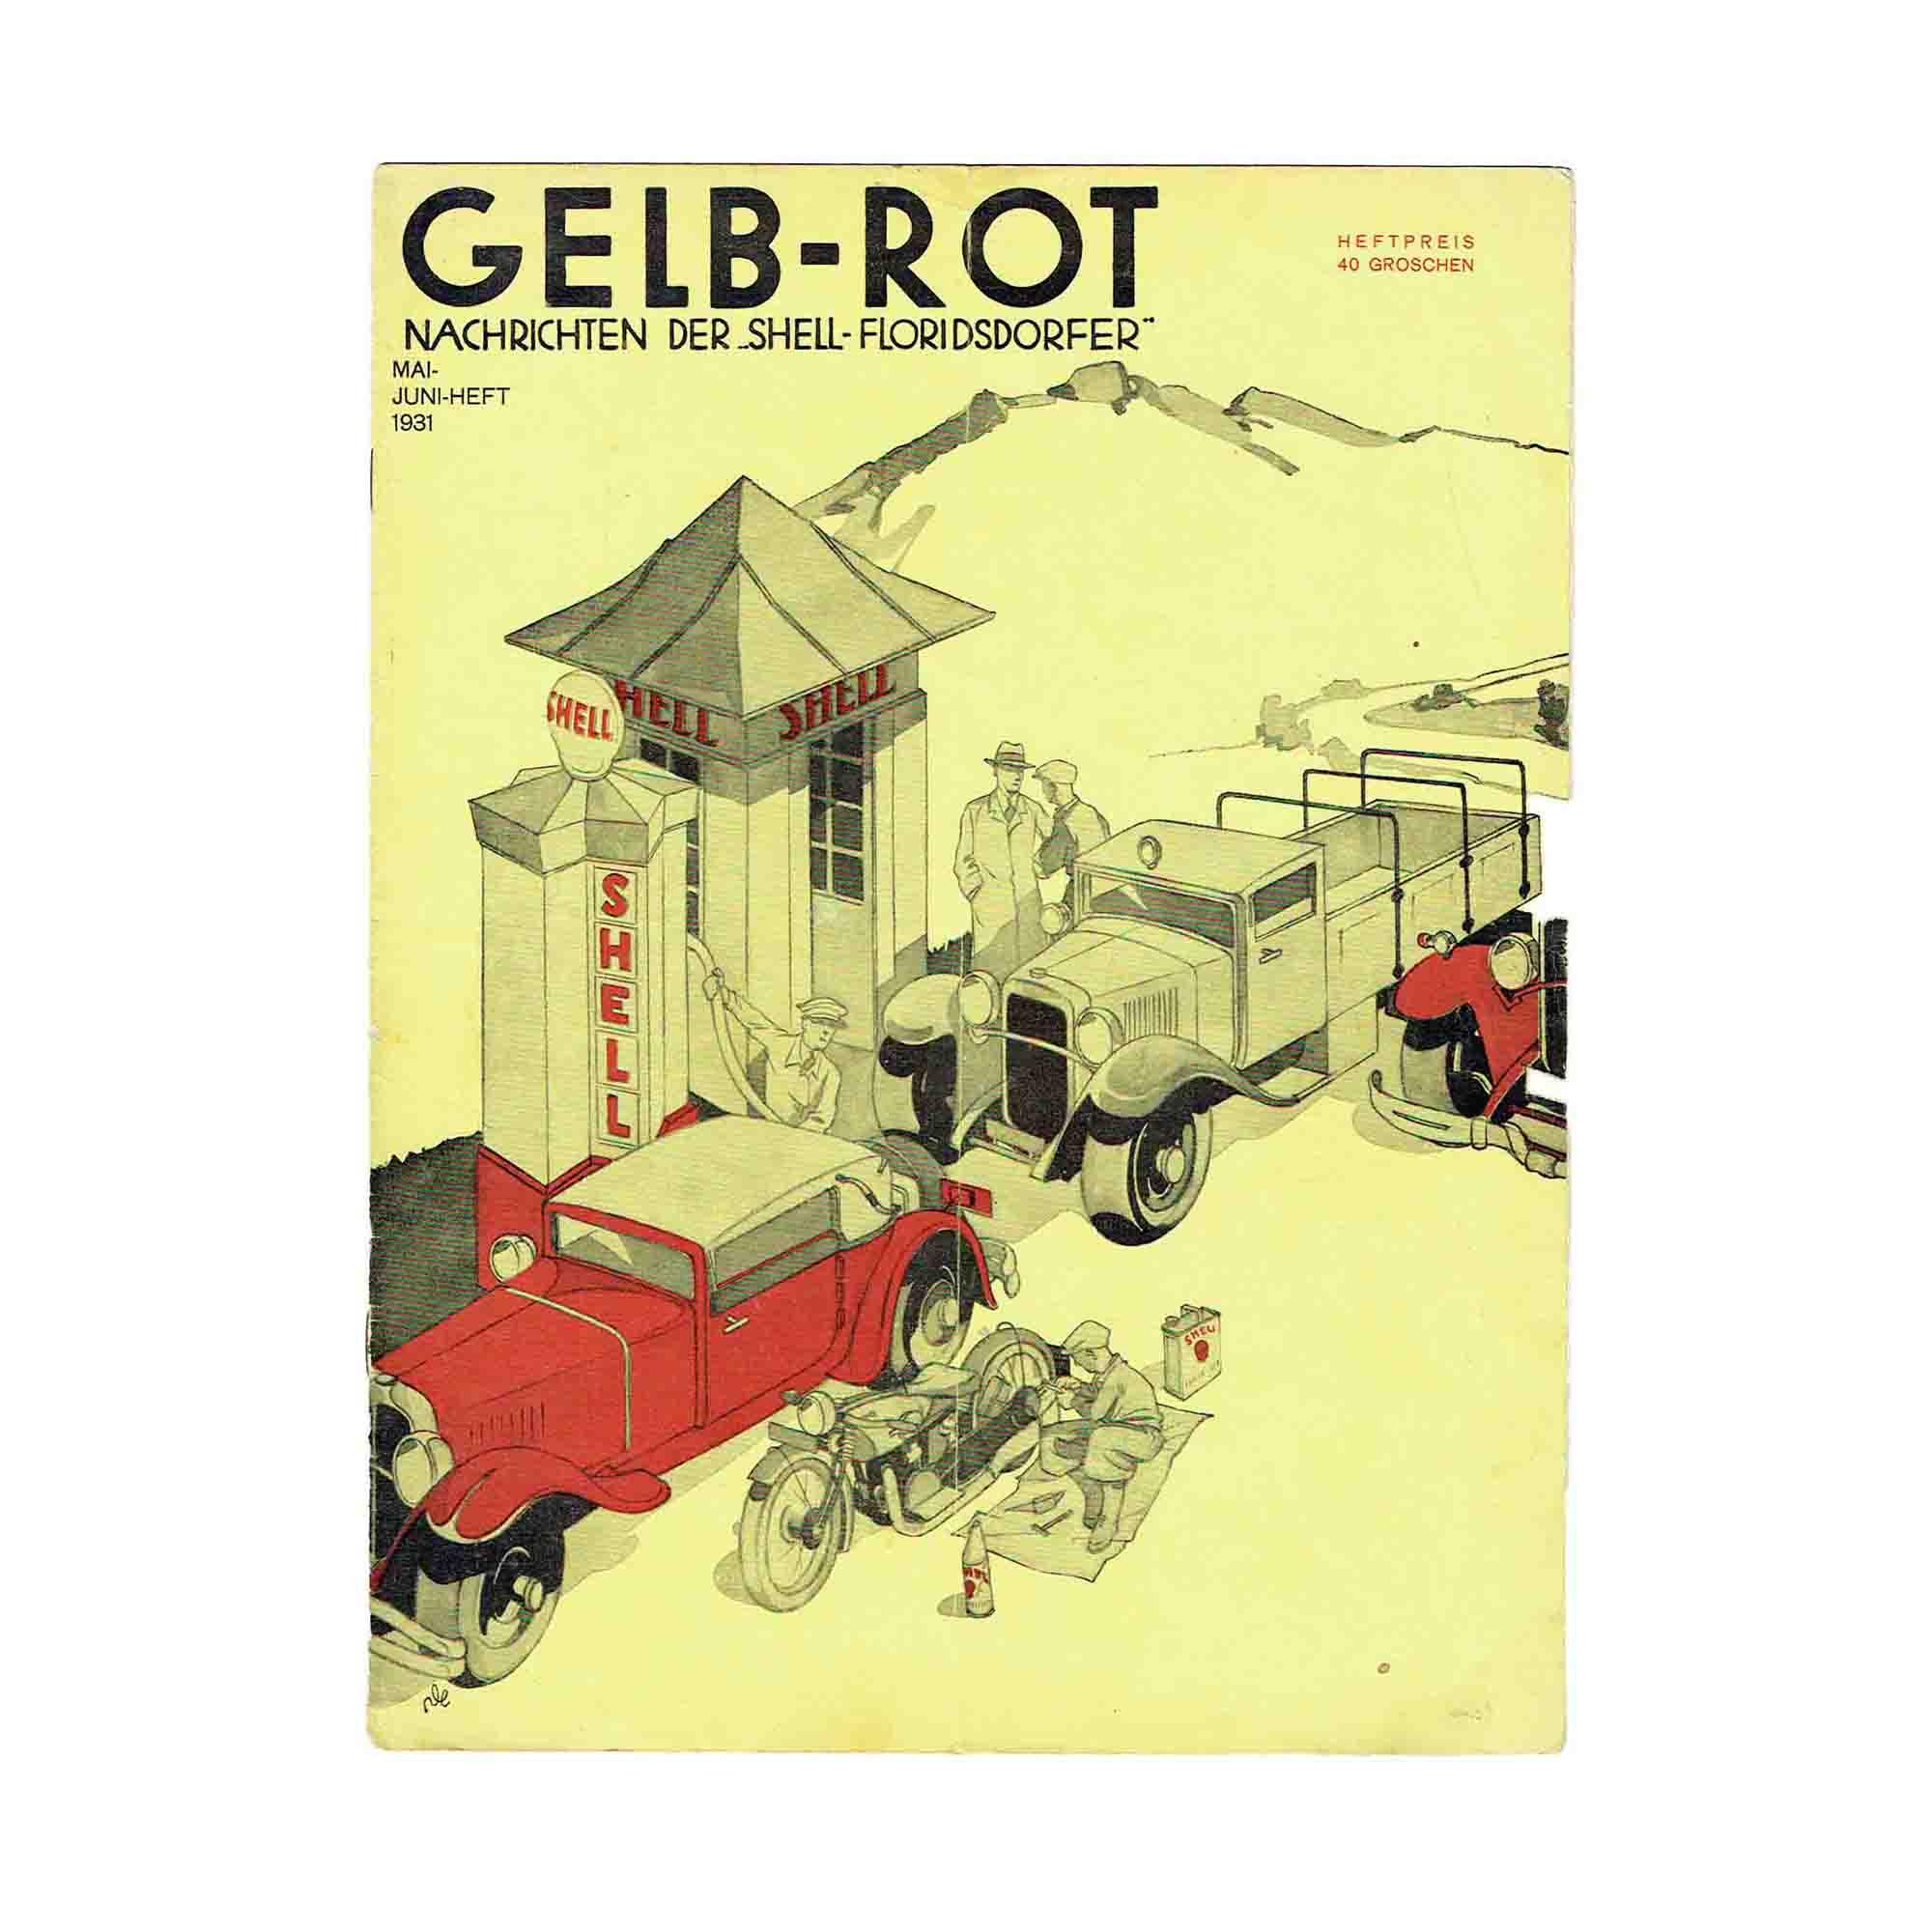 5312-Shell-Gelb-Rot-Mai-Juni-1931-Cover-frei-N.jpeg